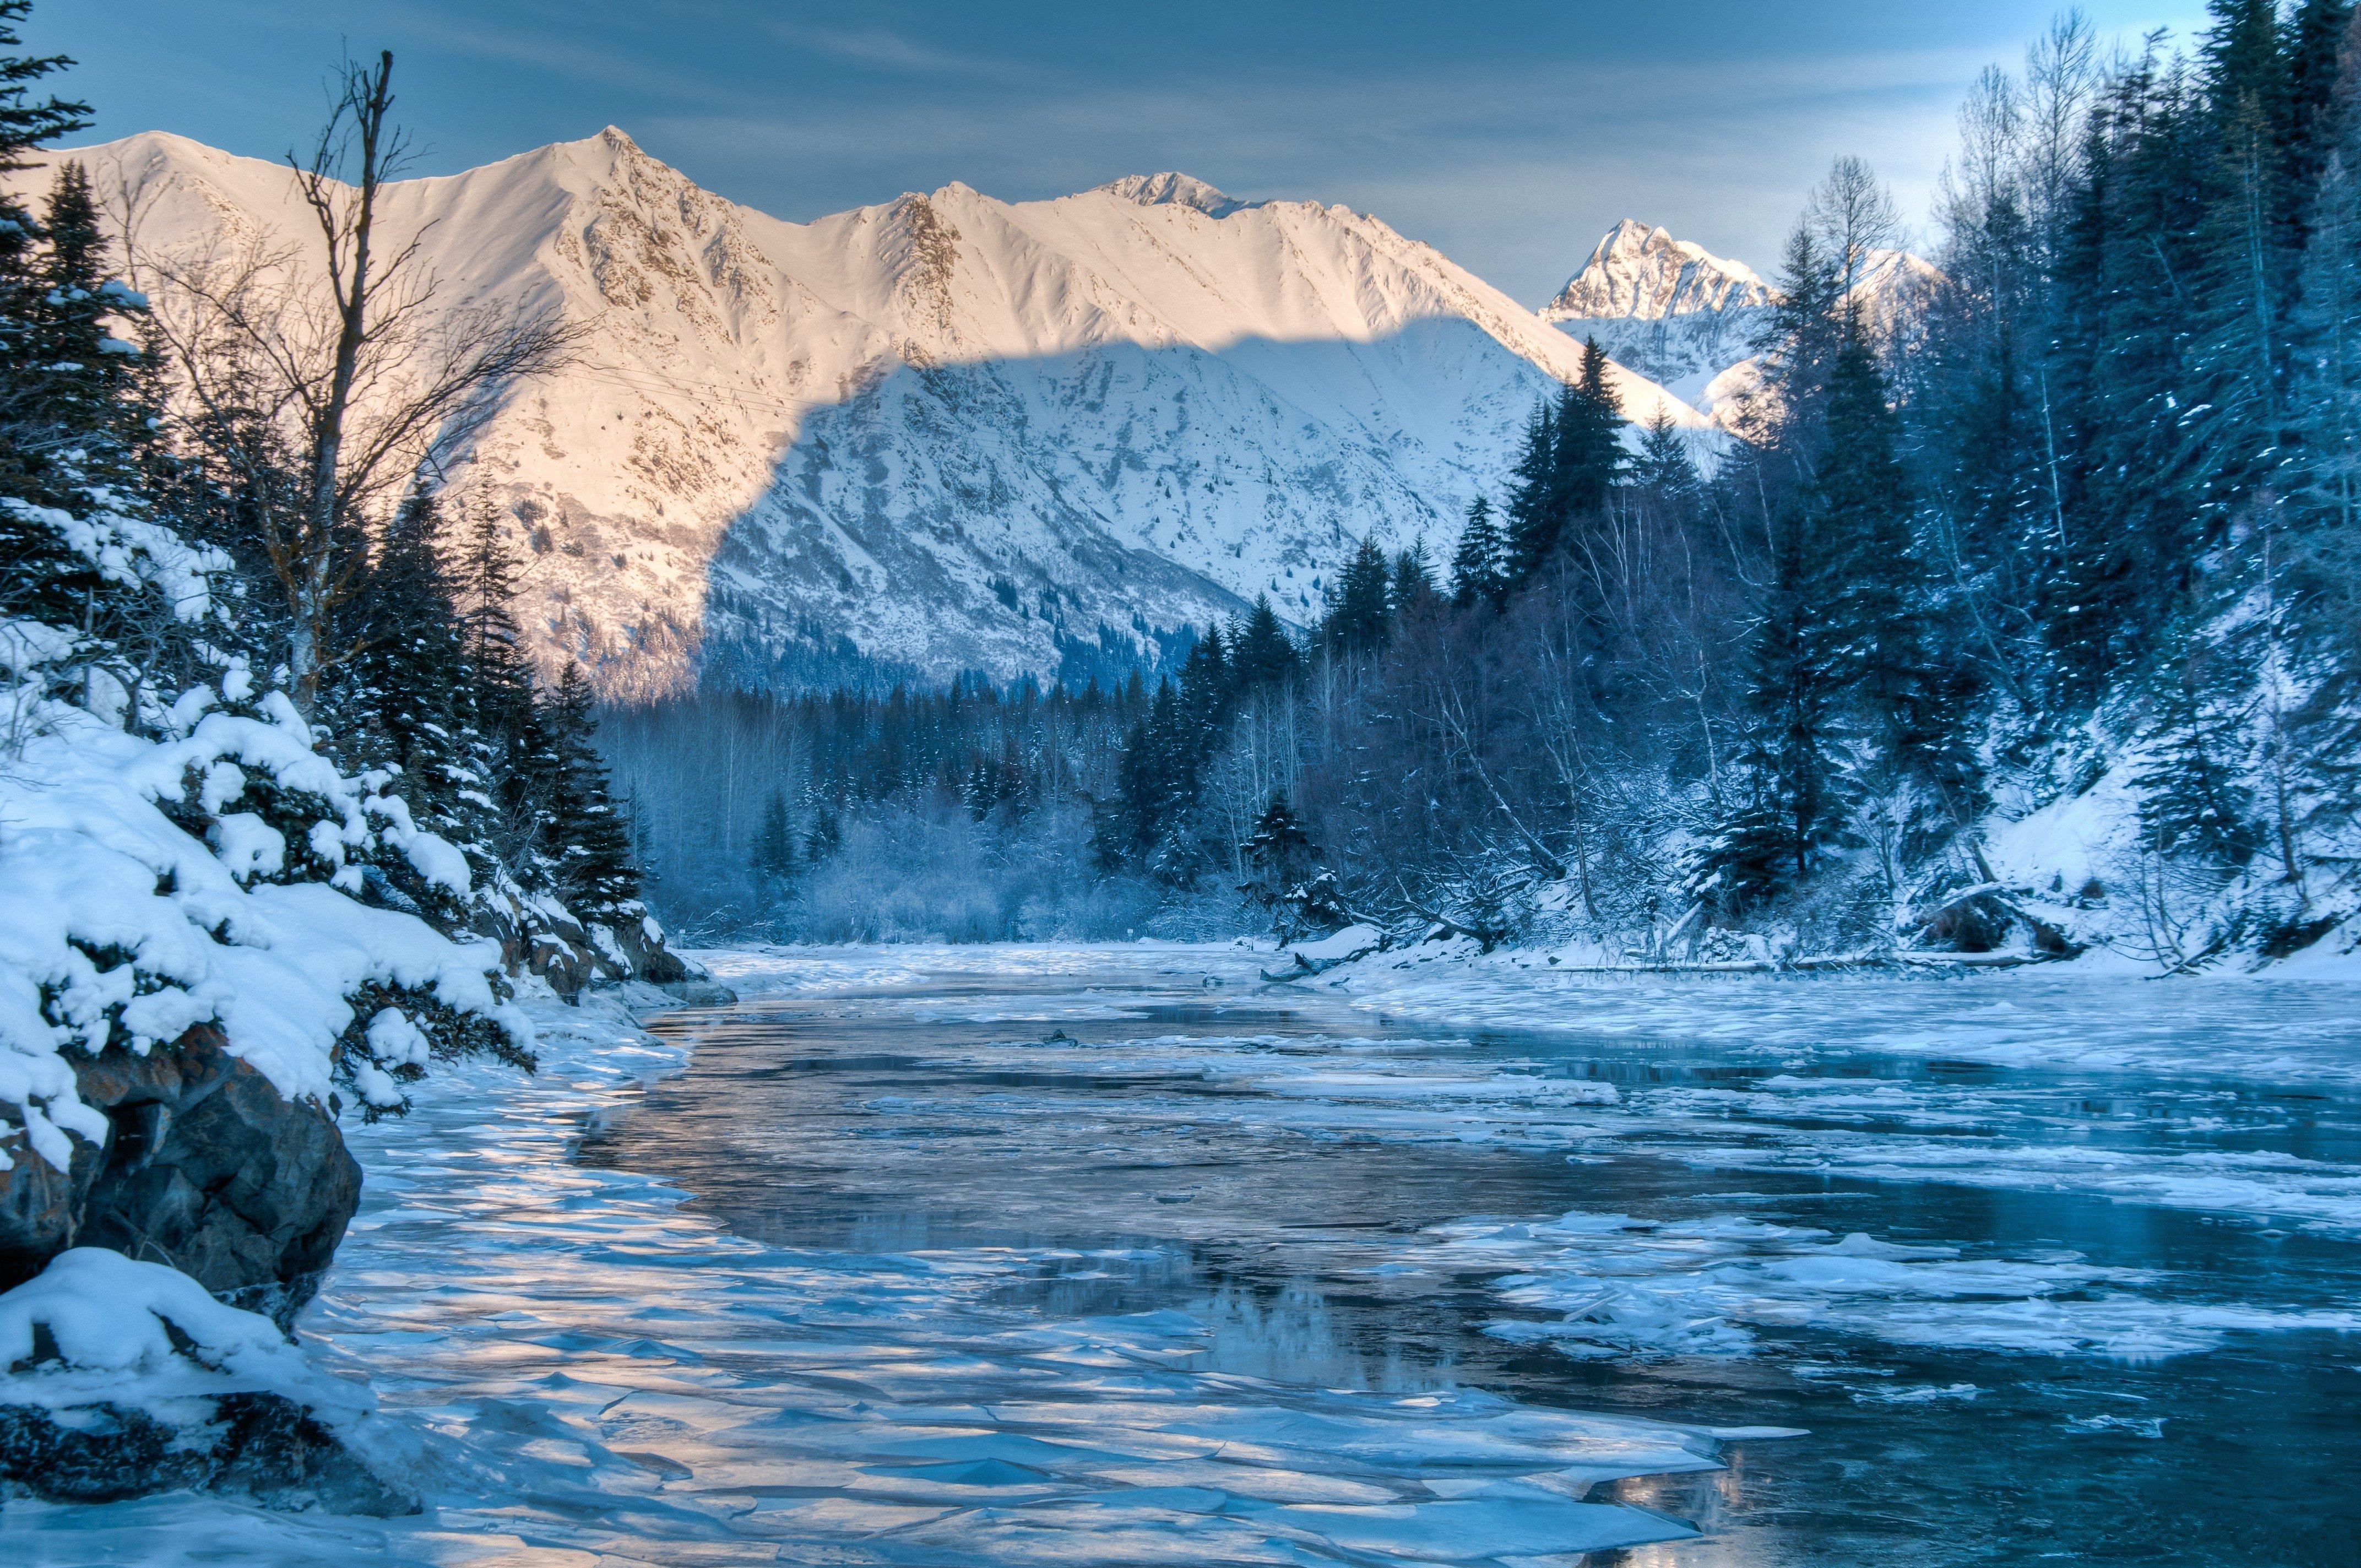 Alaska river winter mountain forest landscape wallpaper 4287x2847 4287x2847